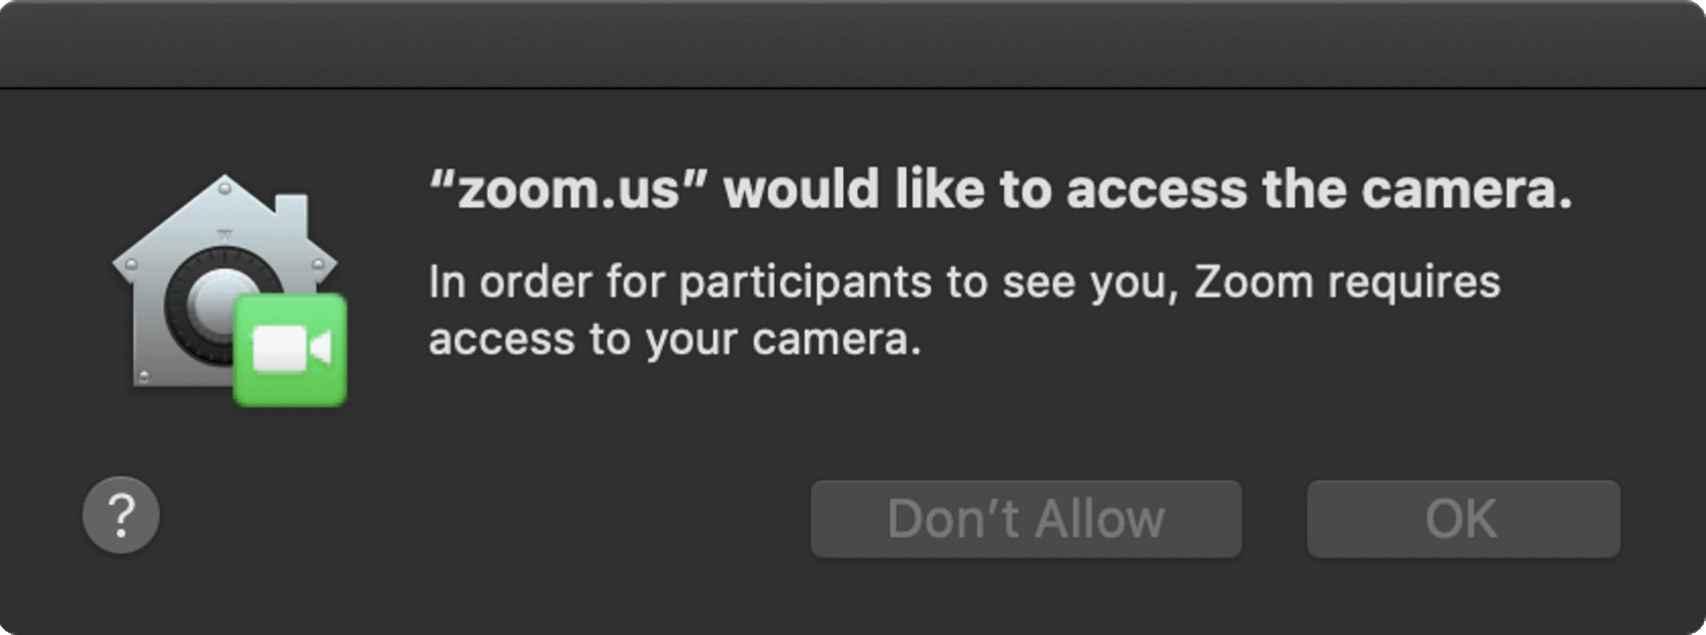 Mensaje emergente en el que Zoom pide permiso para acceder a la webcam